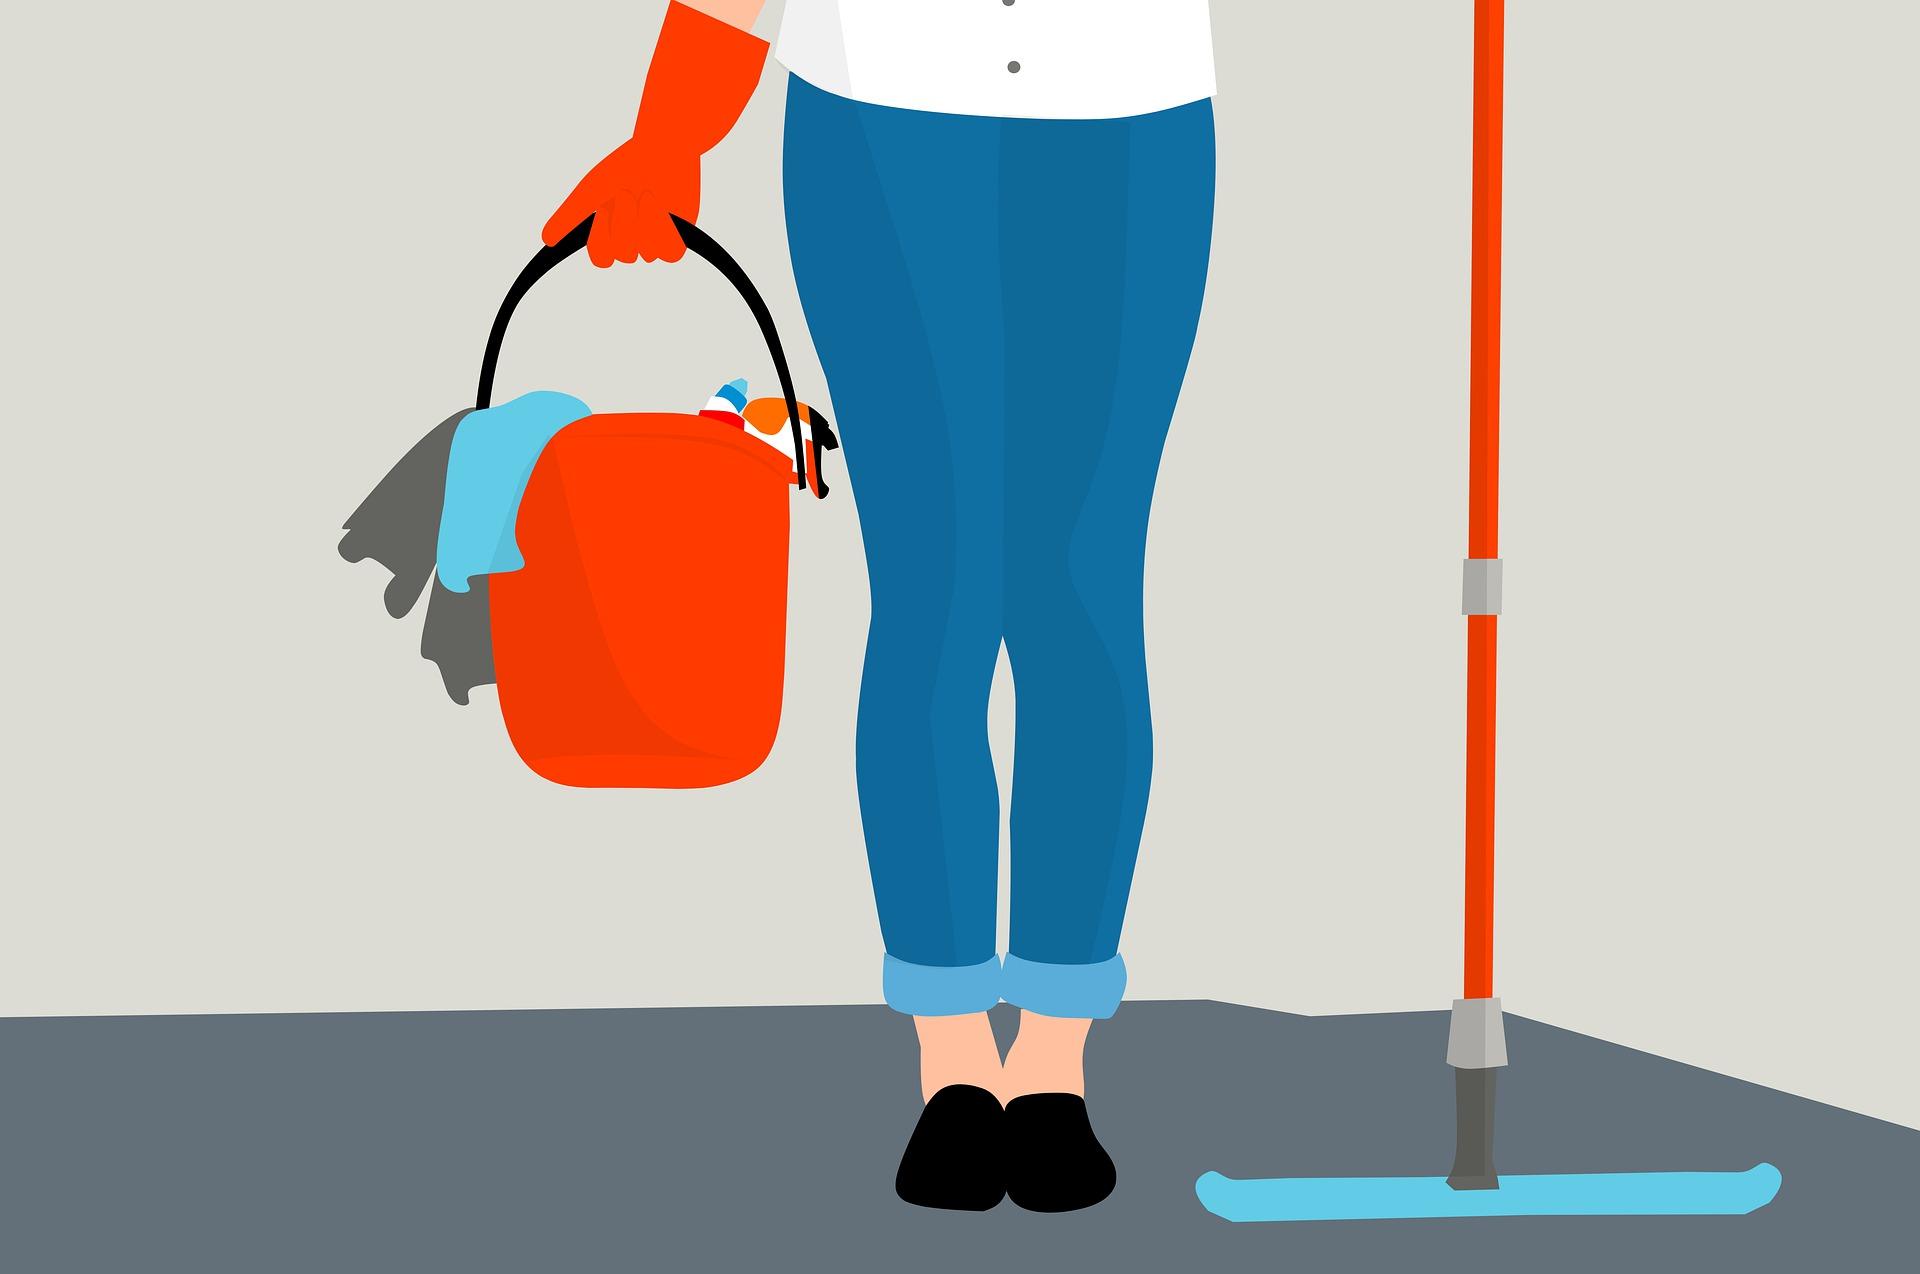 Cleaning Caretaking